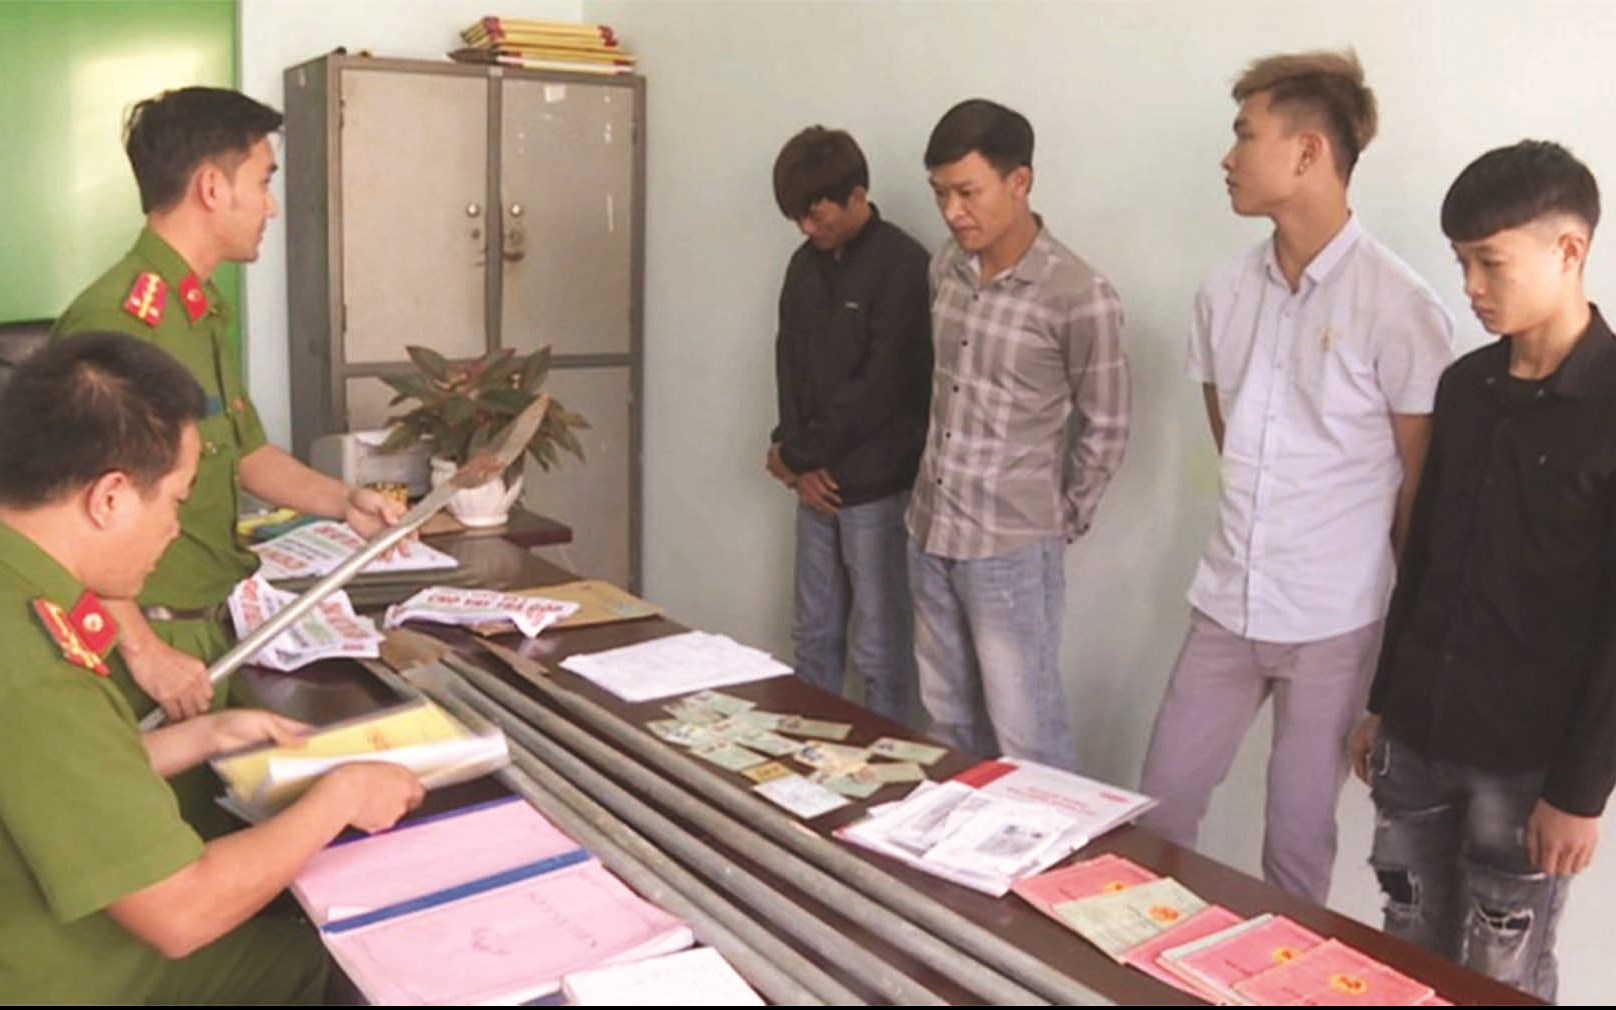 Nhóm côn đồ ở Hải Phòng vào Đăk Lăk hoạt động tín dụng đen và đòi nợ thuê. (Ảnh tư liệu)